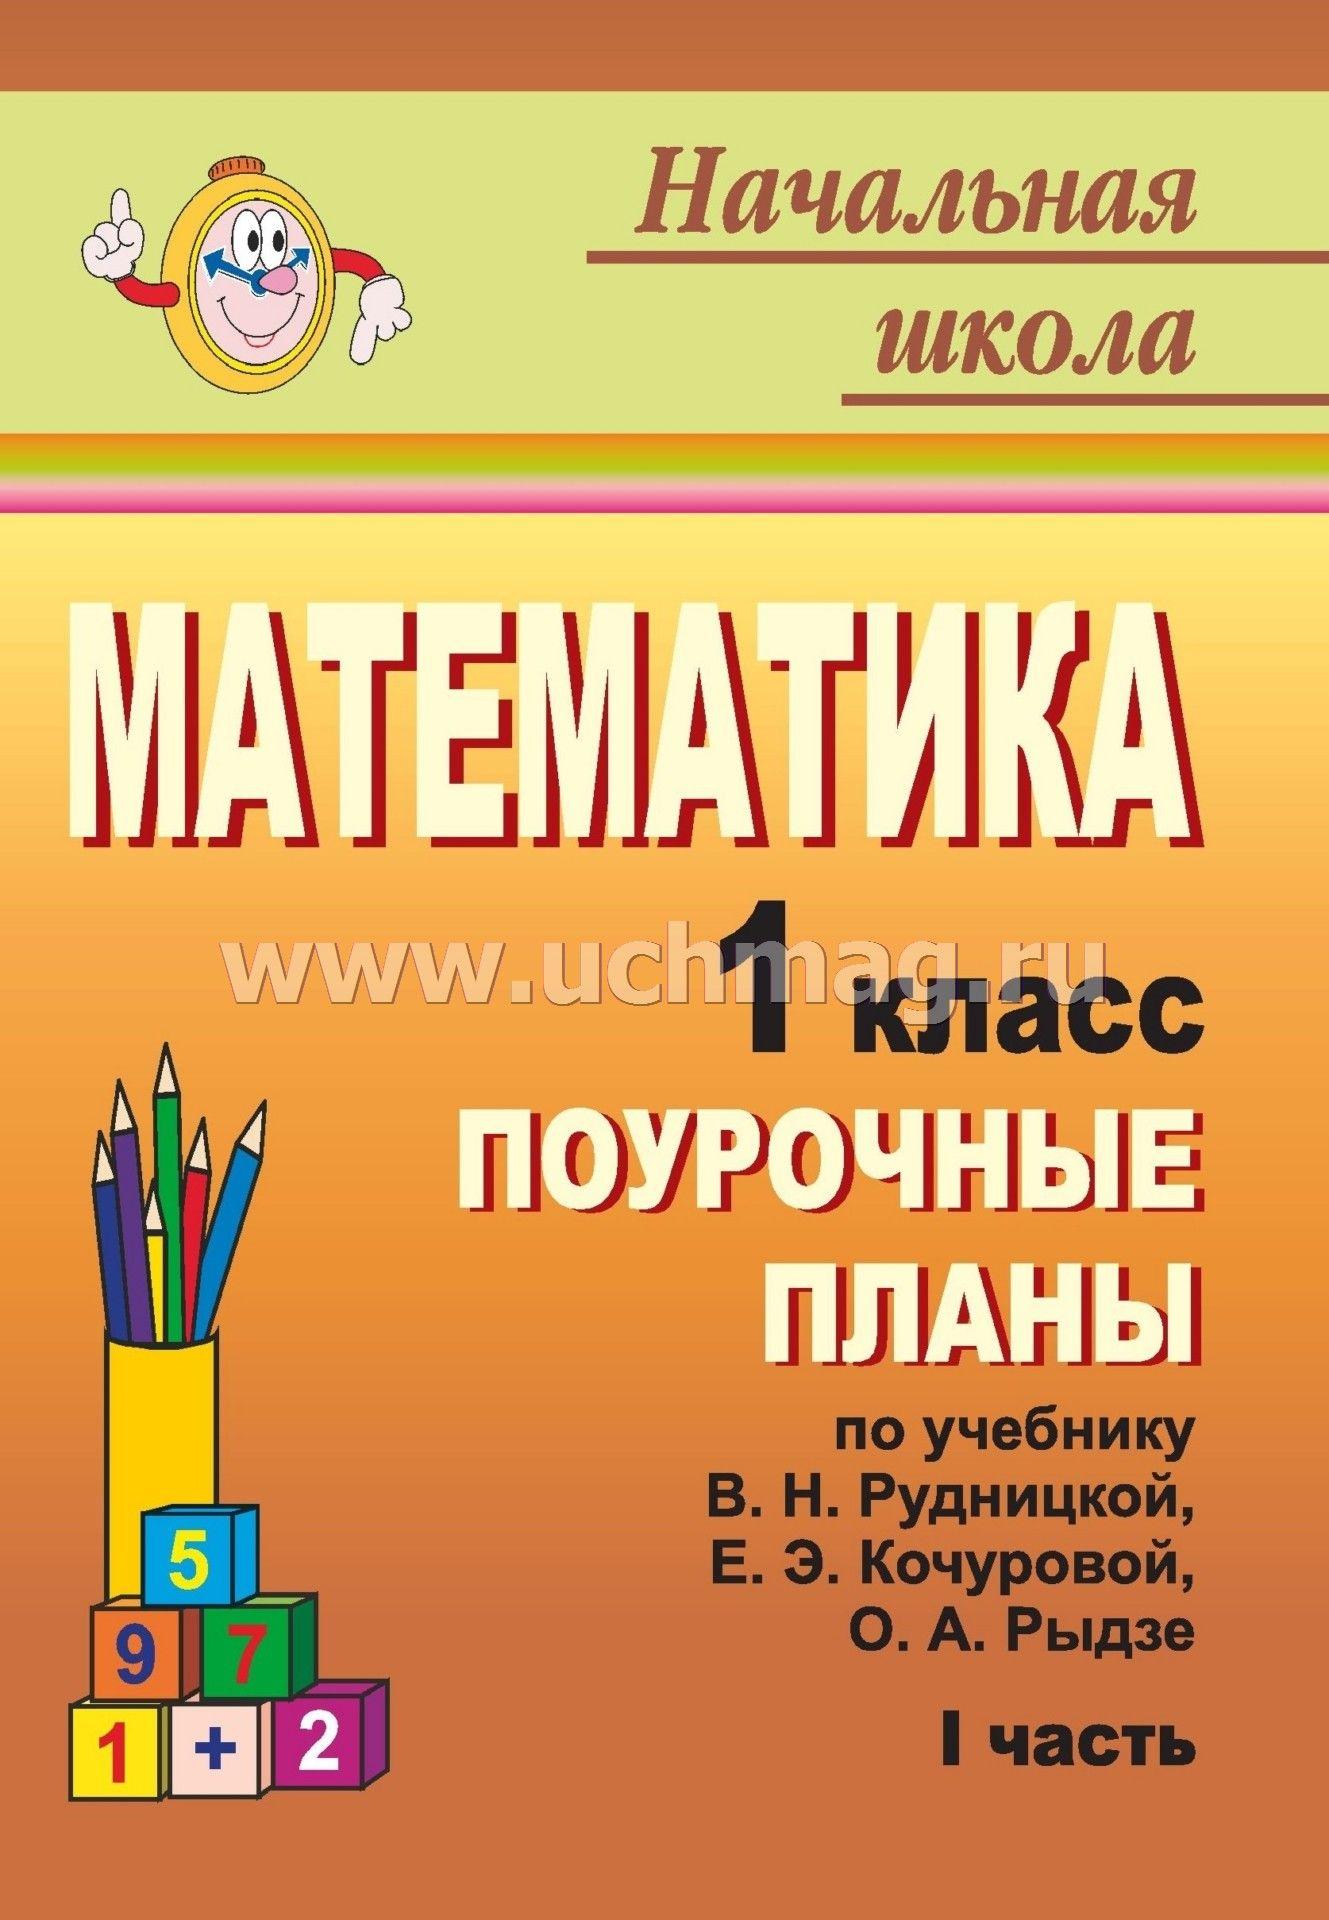 Скачать математика 1 класс: поурочные планы по учебнику в.н рудницкой